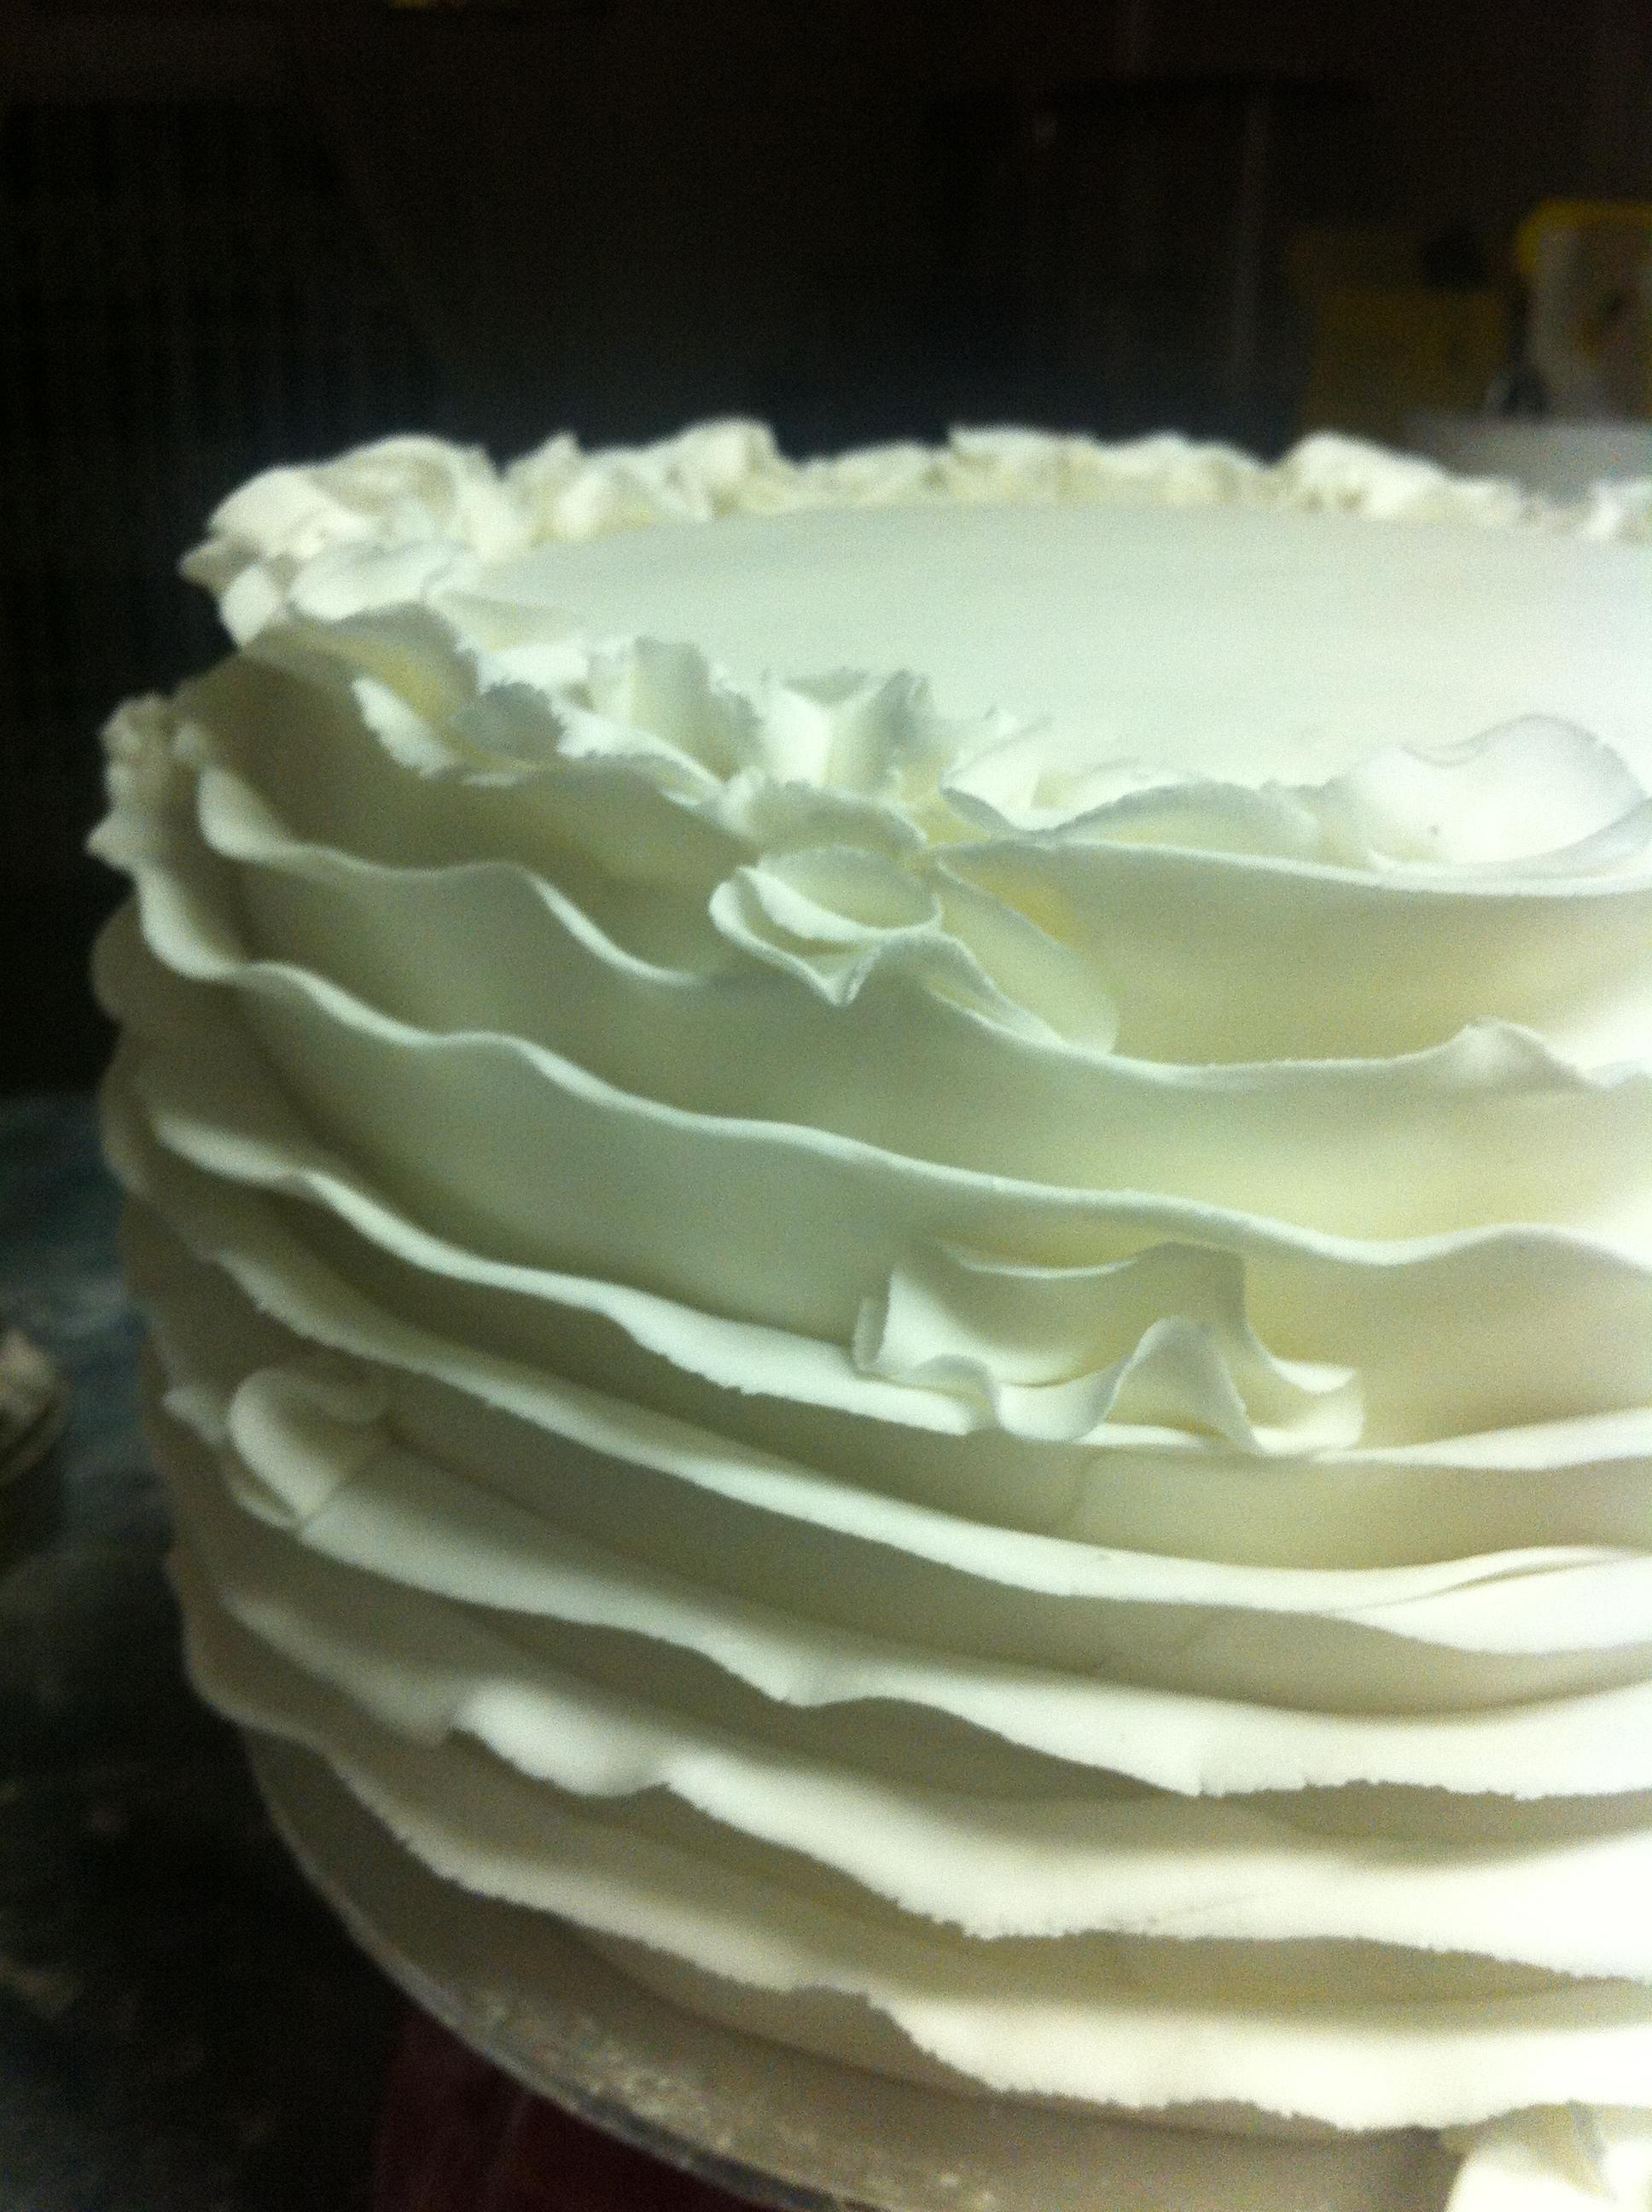 red velvet cake, cream cheese icing, sugarpaste ruffles, fondant ruffles